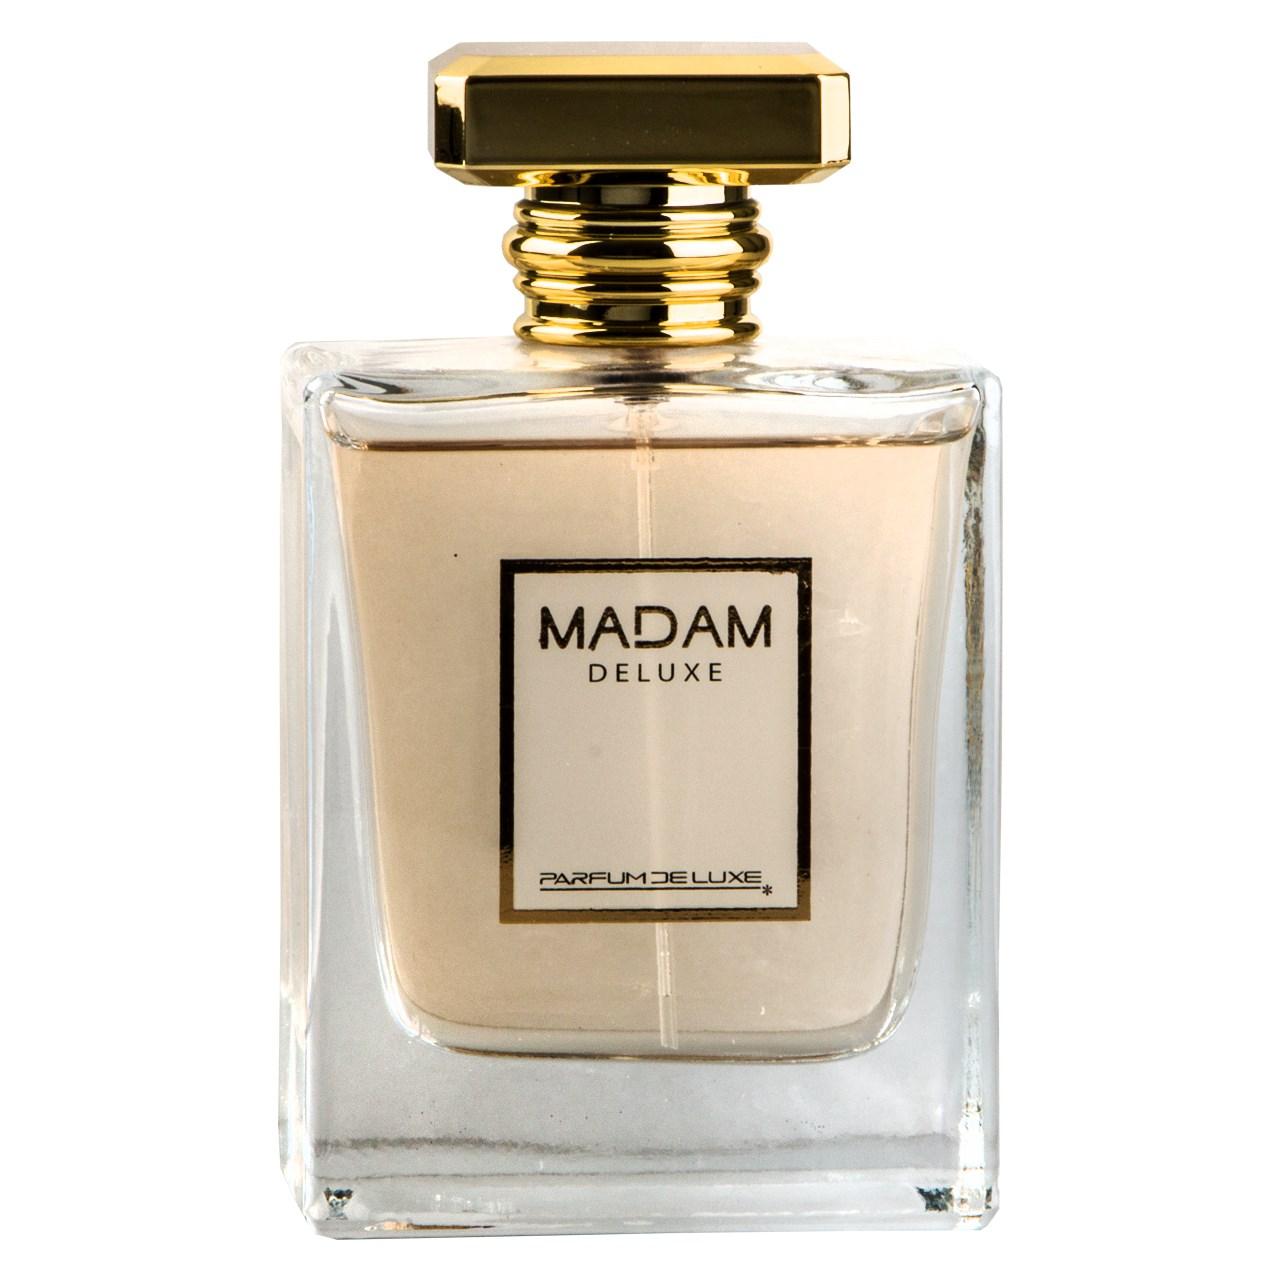 ادوپرفیوم زنانه دلوکس مدل Madam Deluxe  حجم 100 میلی لیتر